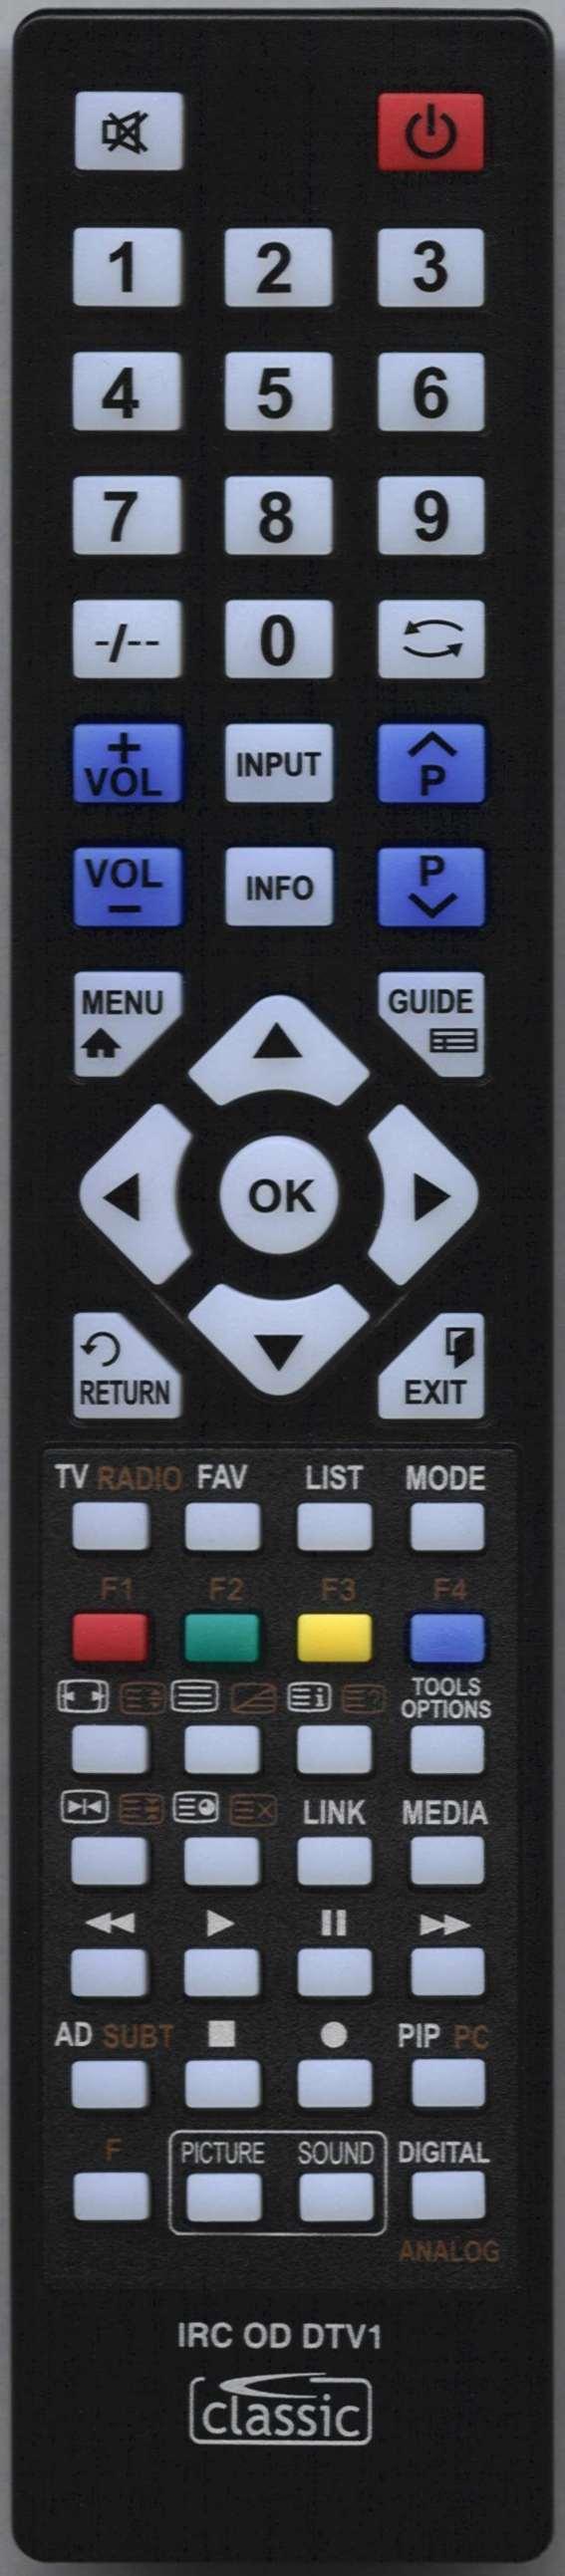 LUXOR LUX014300601 Remote Control Alternative